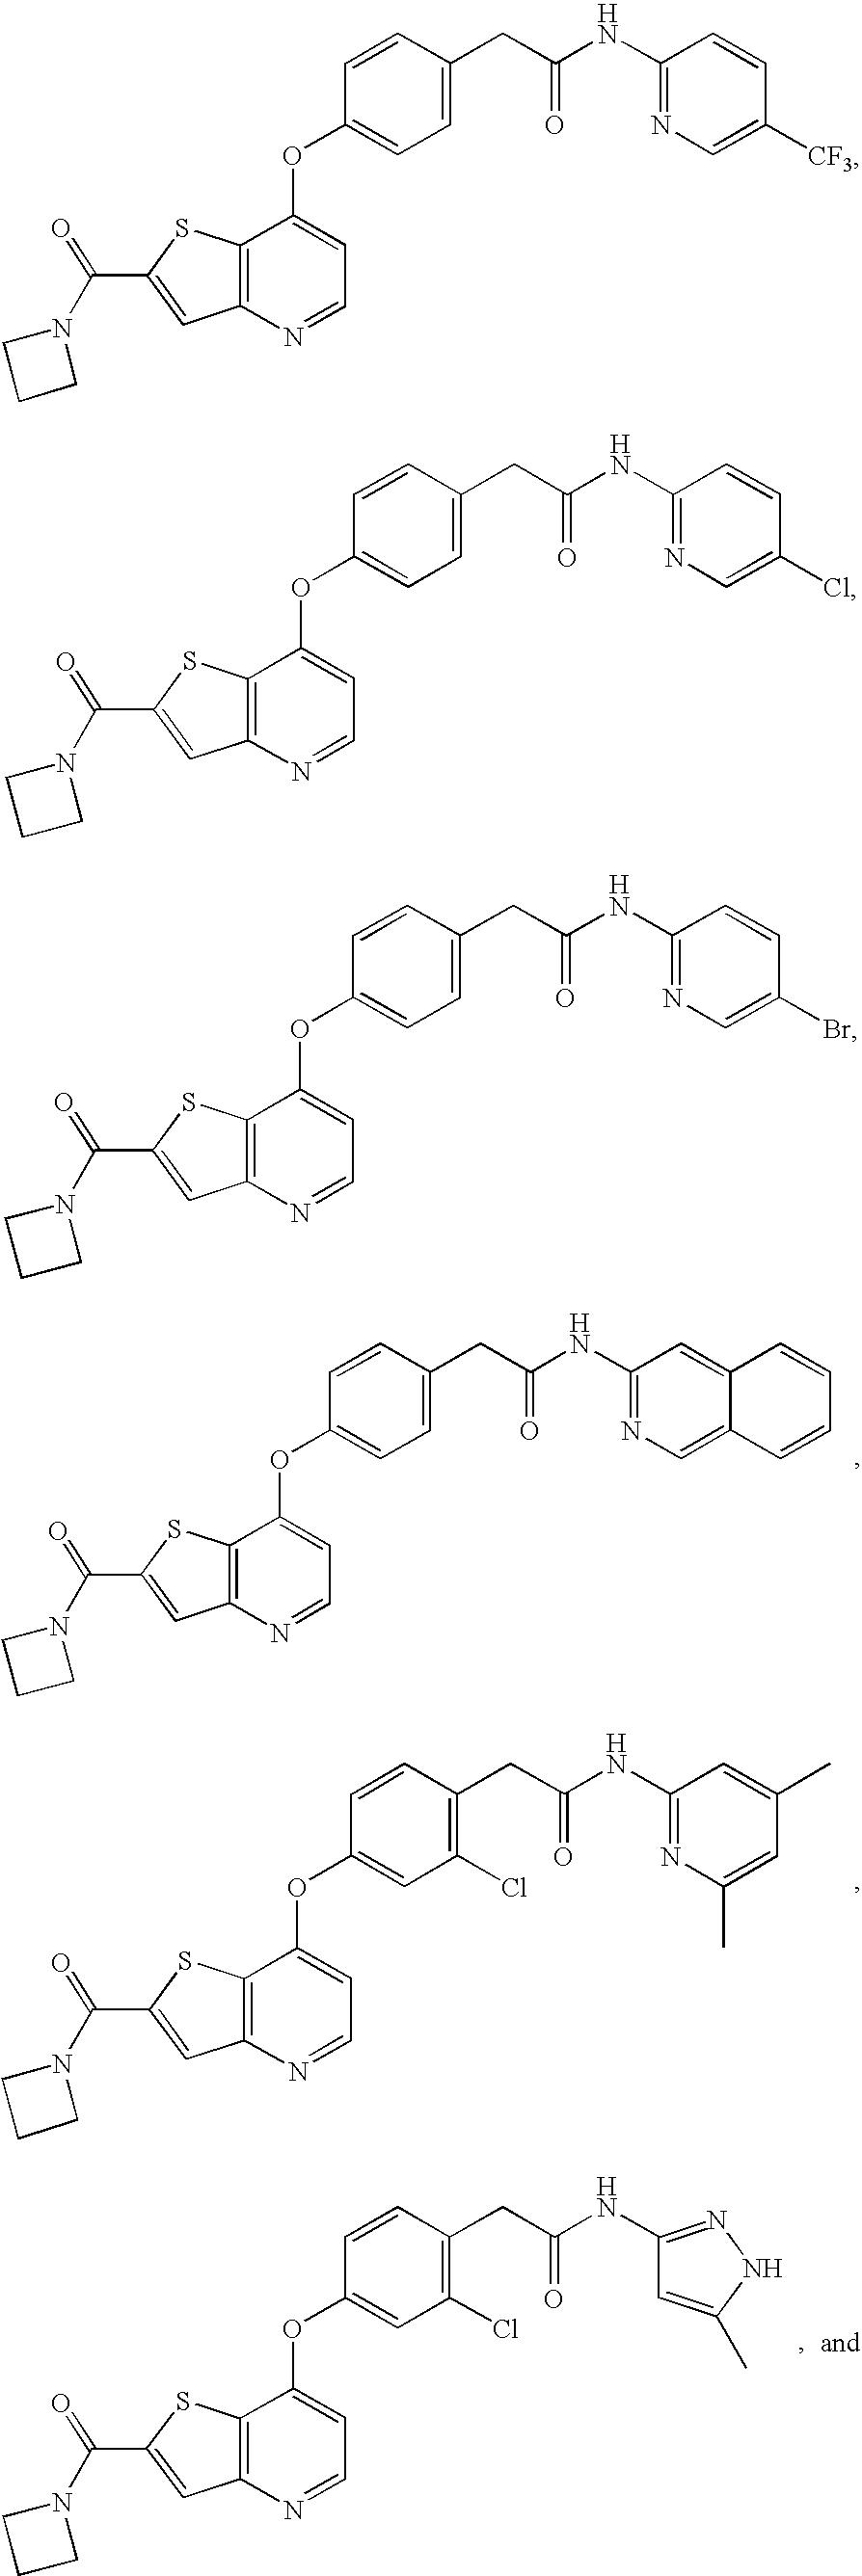 Figure US07208500-20070424-C00166